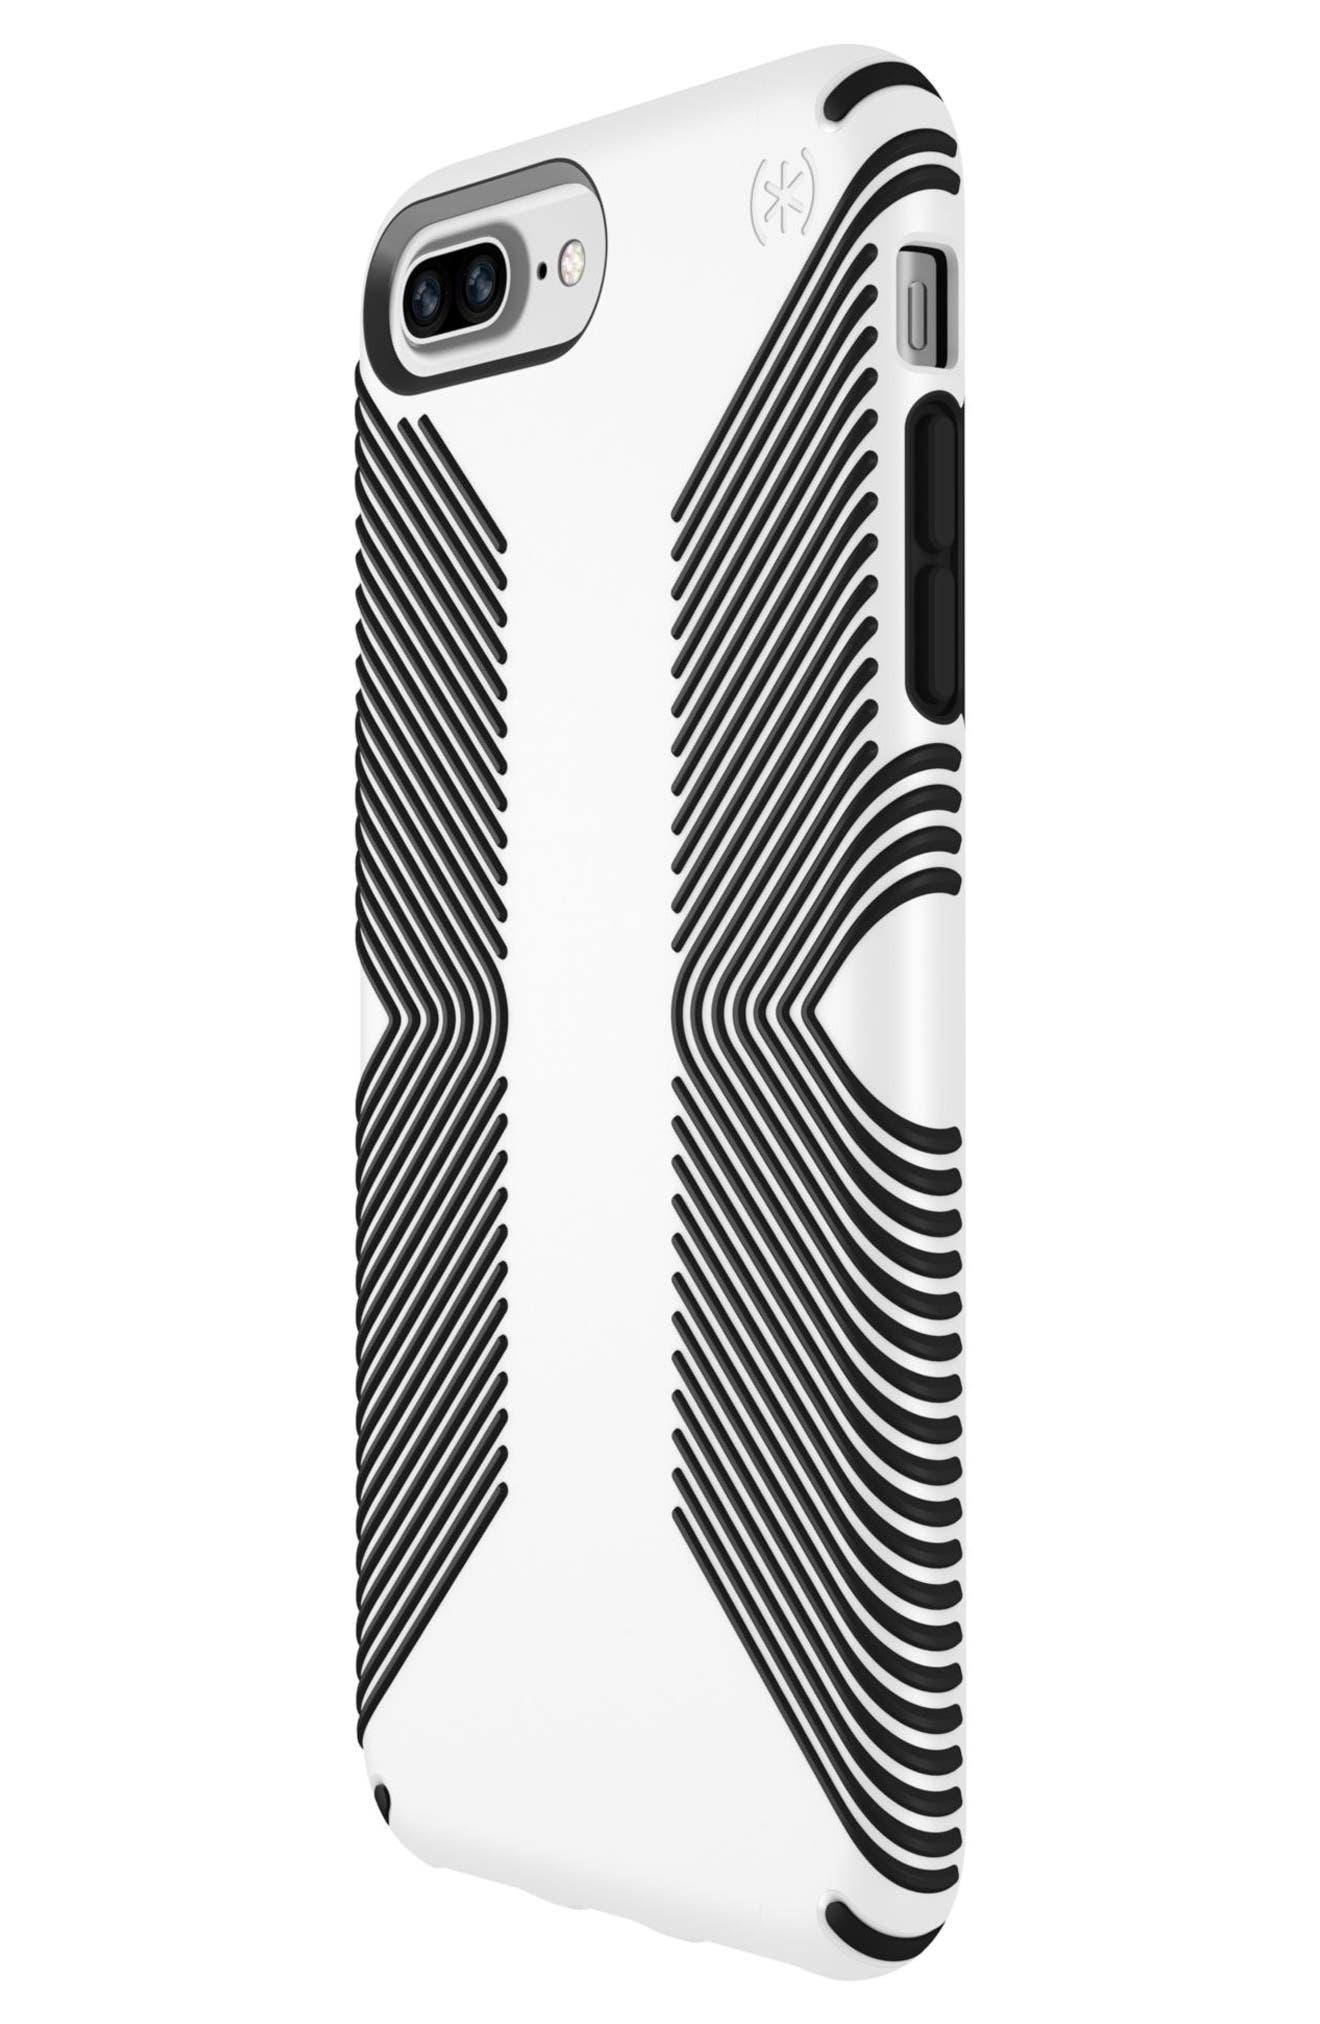 Grip iPhone 6/6s/7/8 Plus Case,                             Alternate thumbnail 5, color,